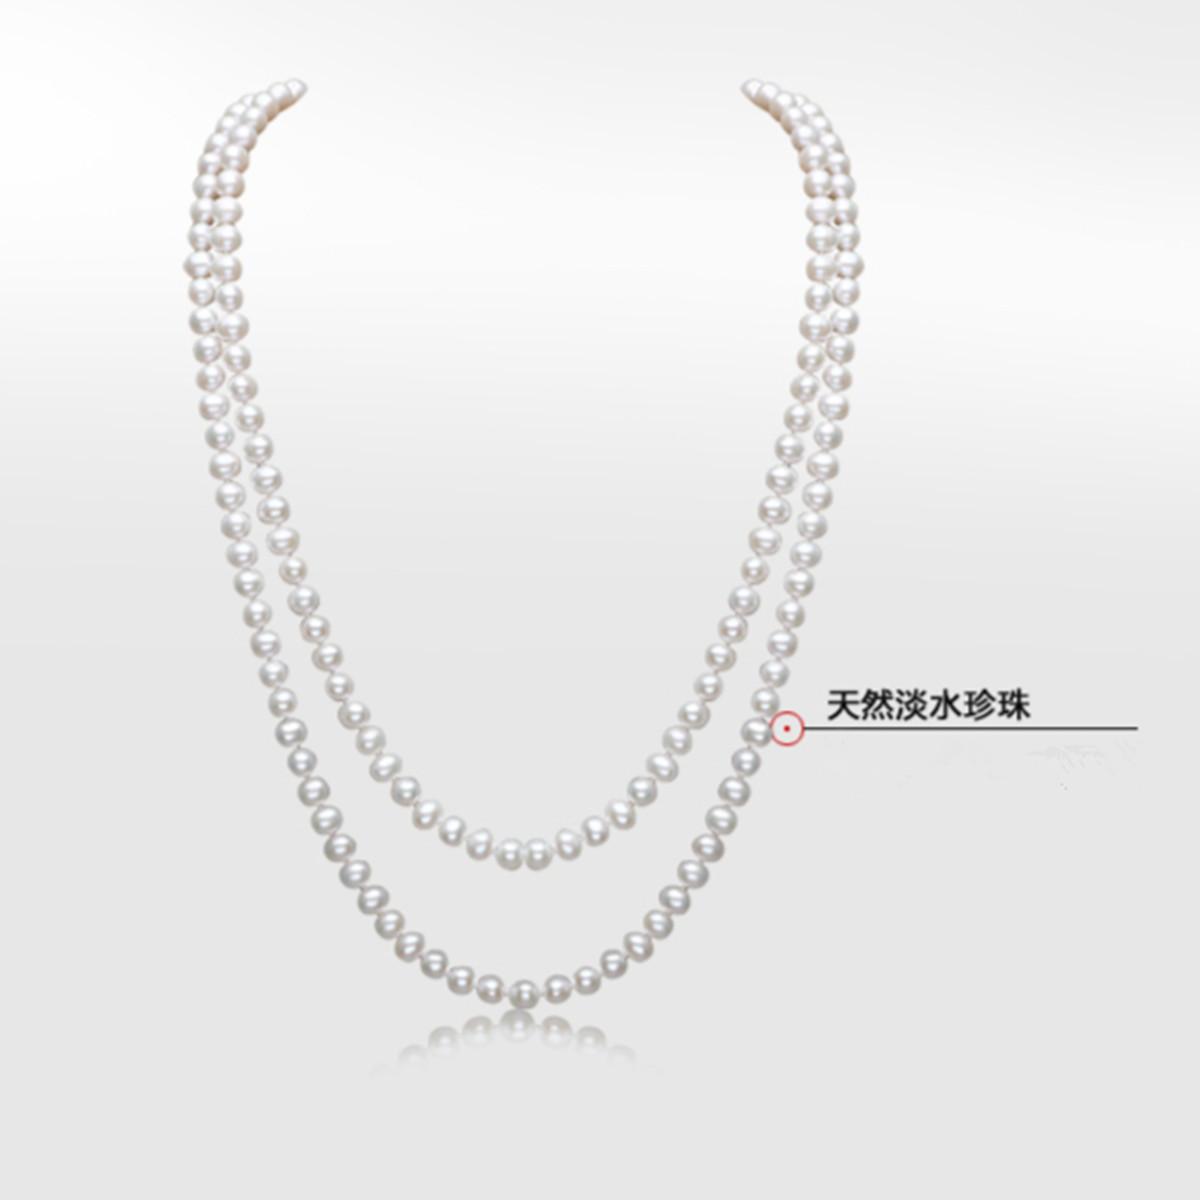 近圆强光多层项链正品女清仓特价包邮 10mm 9 天然淡水珍珠毛衣链